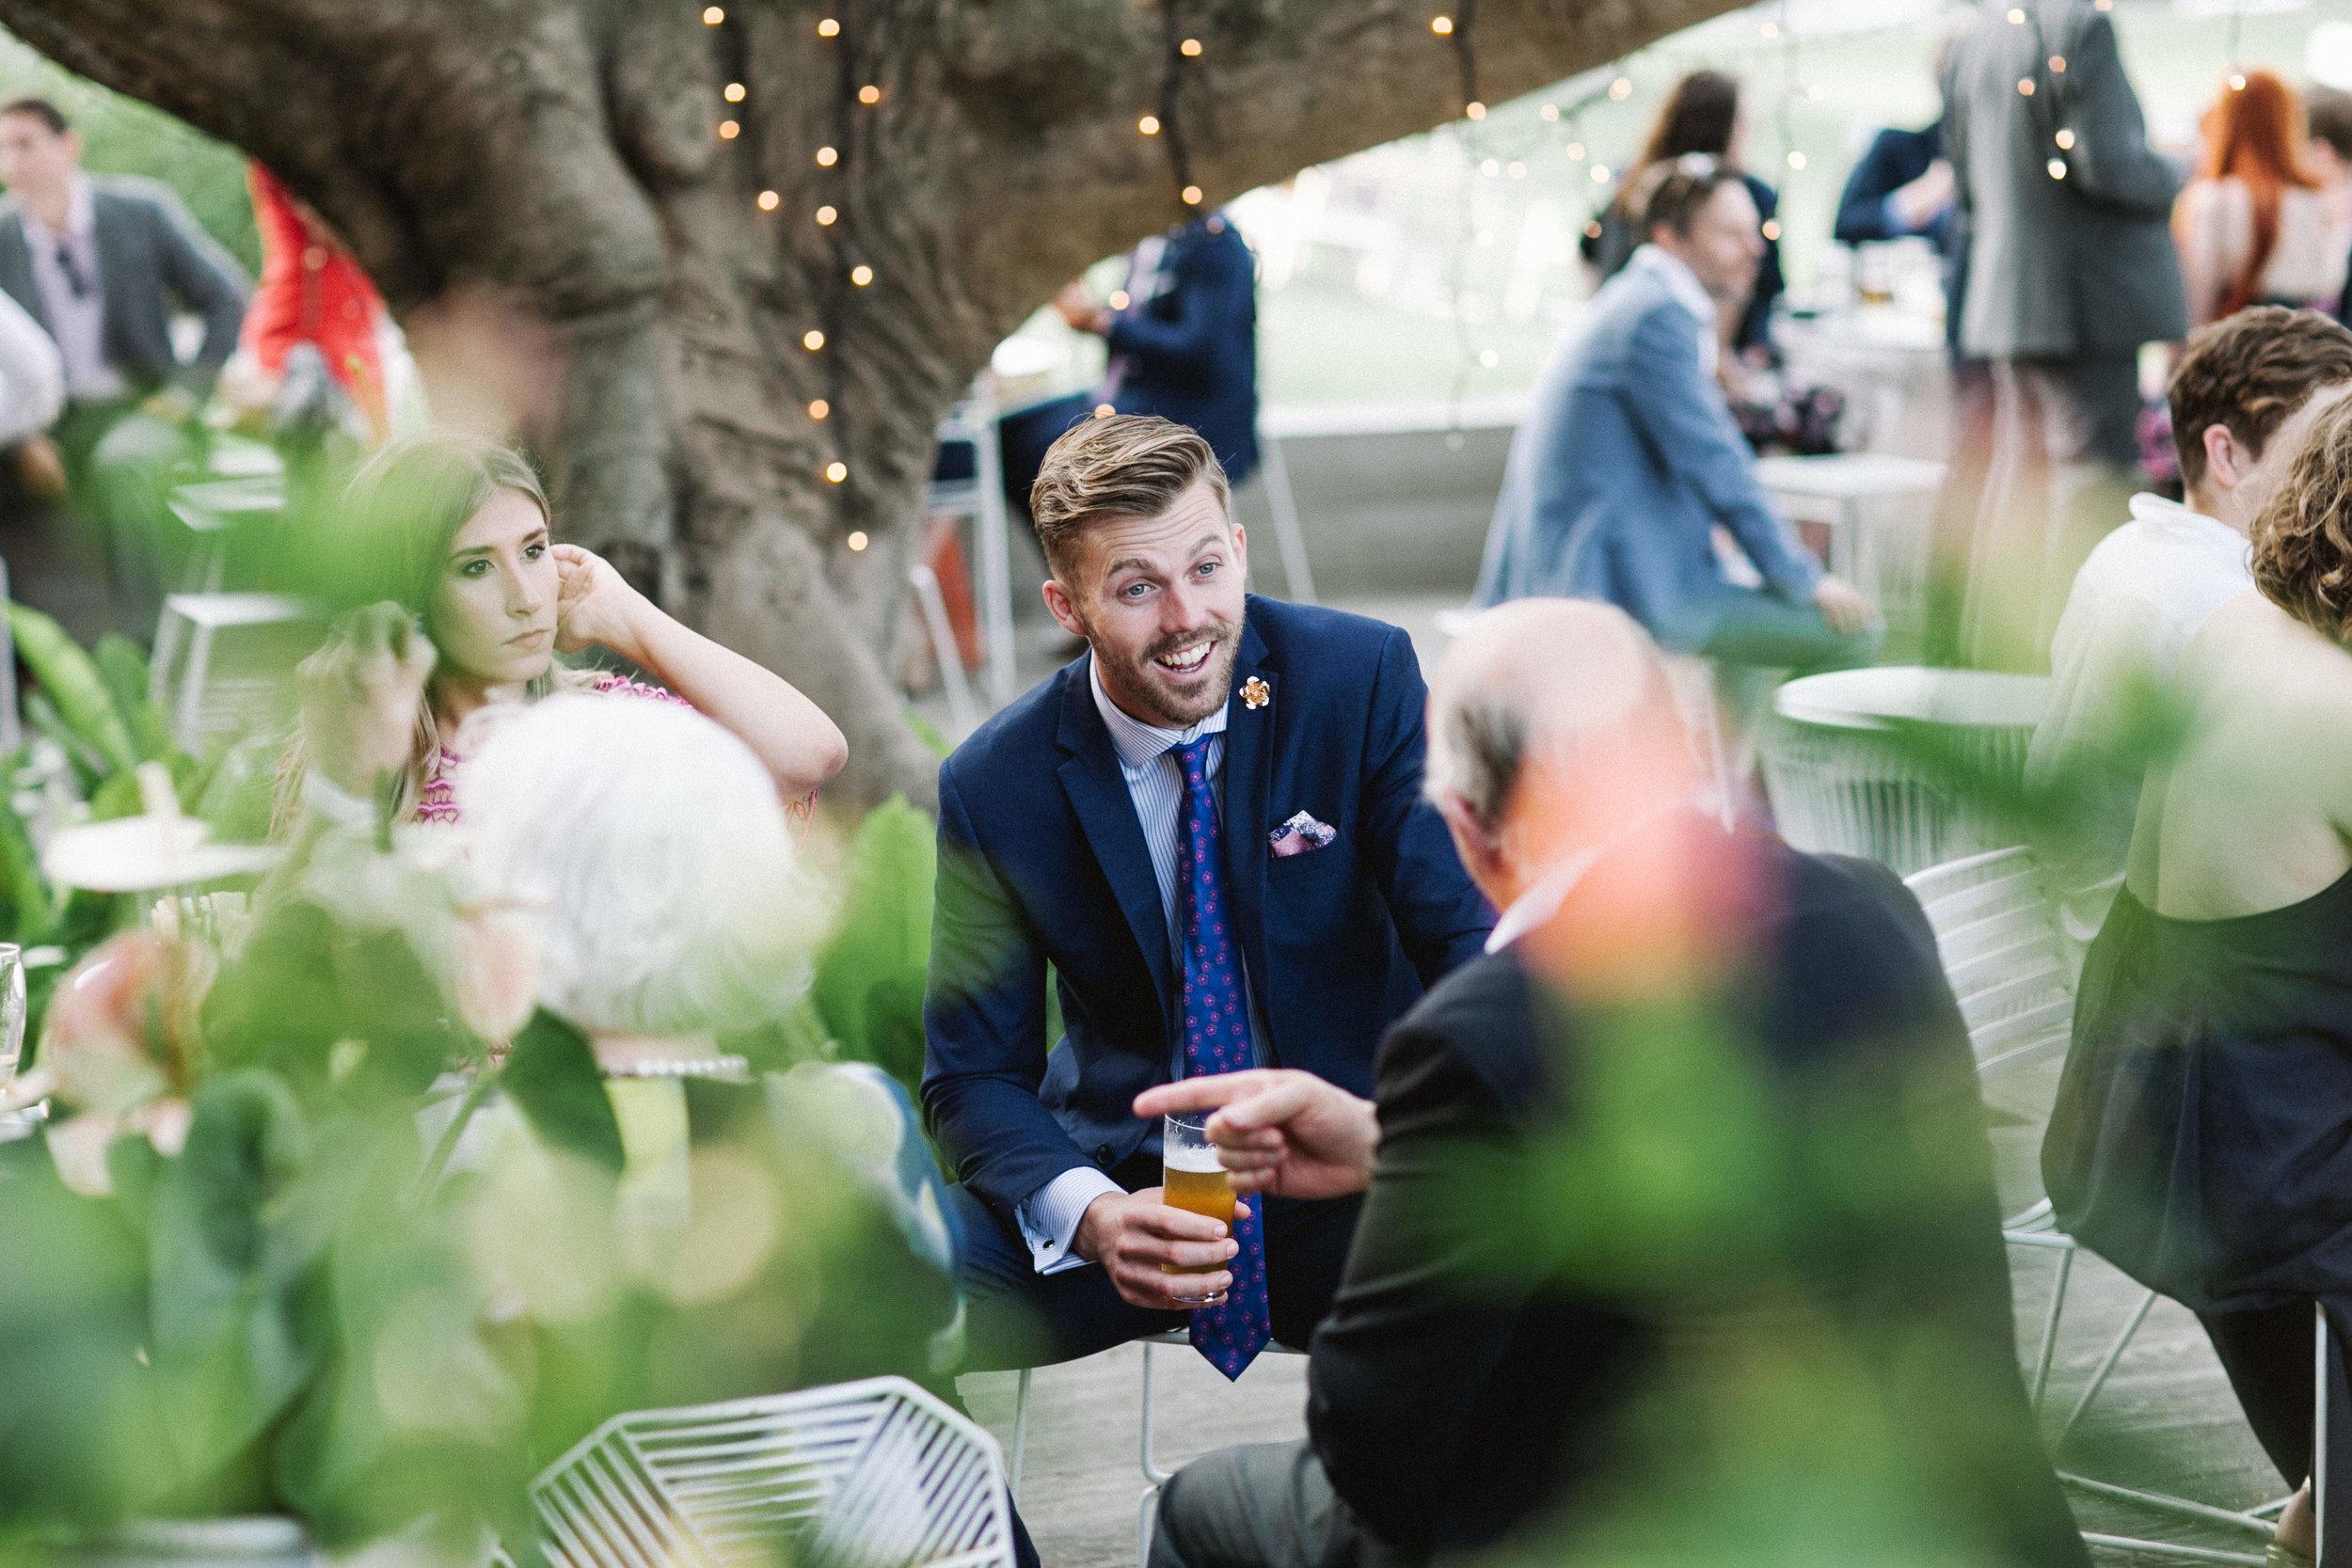 wedding-photography-brisbane-sandstone-point-hotel-bribie-island-reception-5.jpg